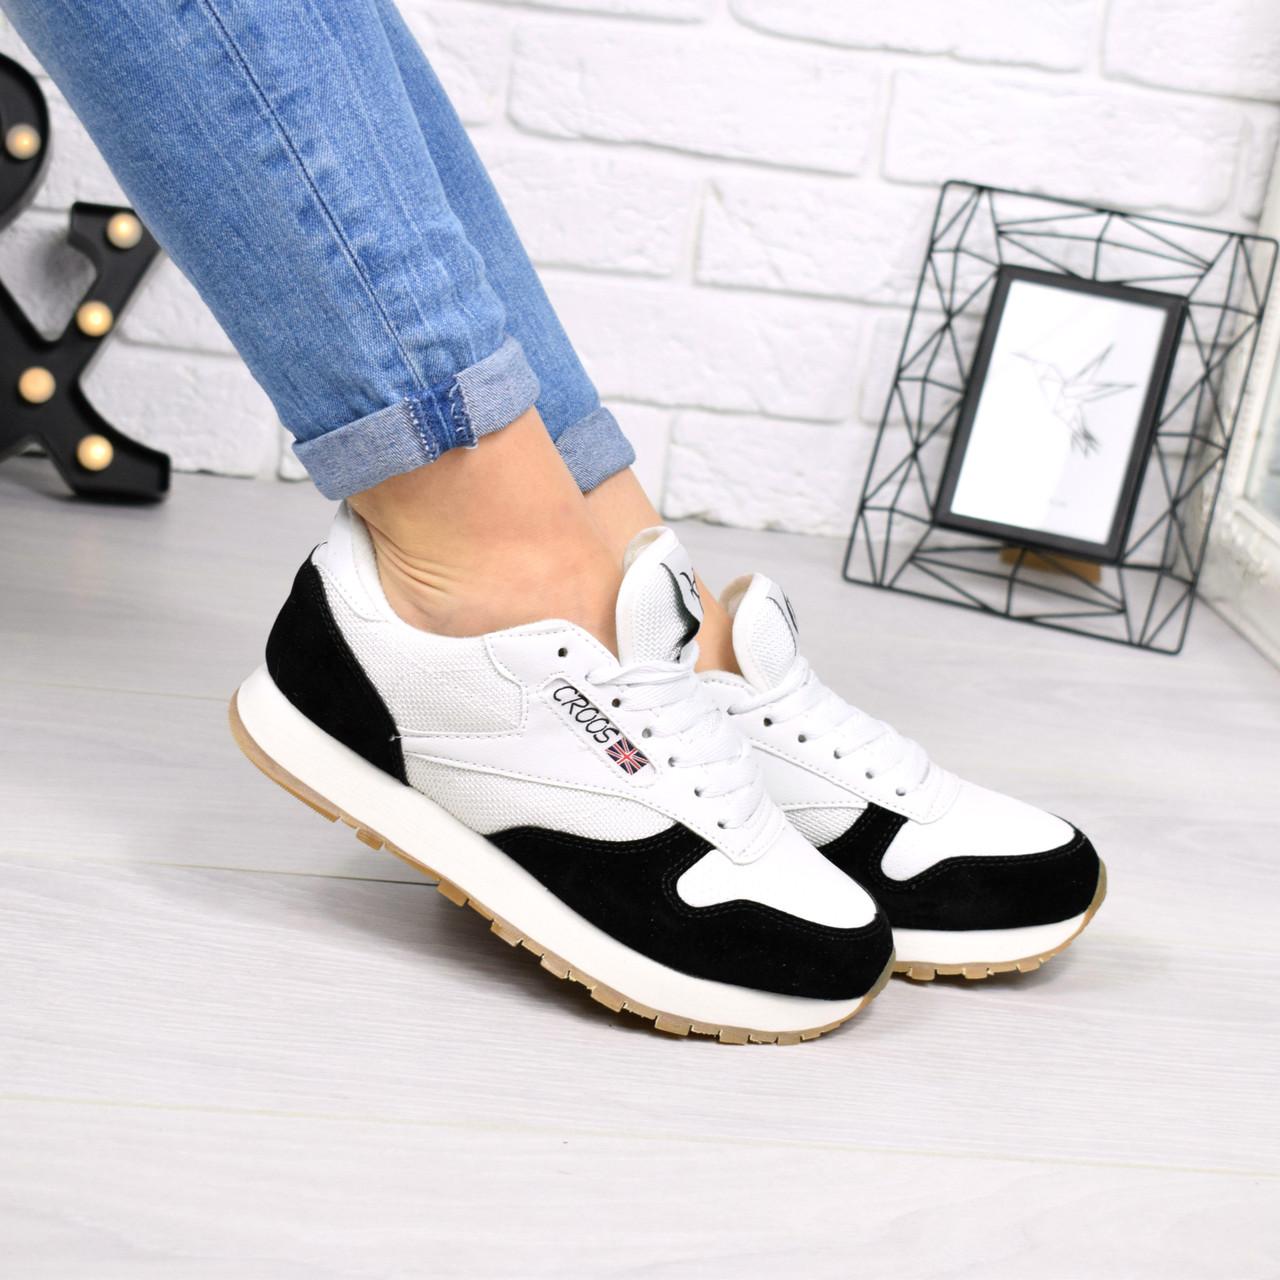 """(ТОЛЬКО 36р) Кроссовки, кеды, мокасины женские черно-белые """"Zebra"""" эко кожа, спортивная, повседневная обувь"""